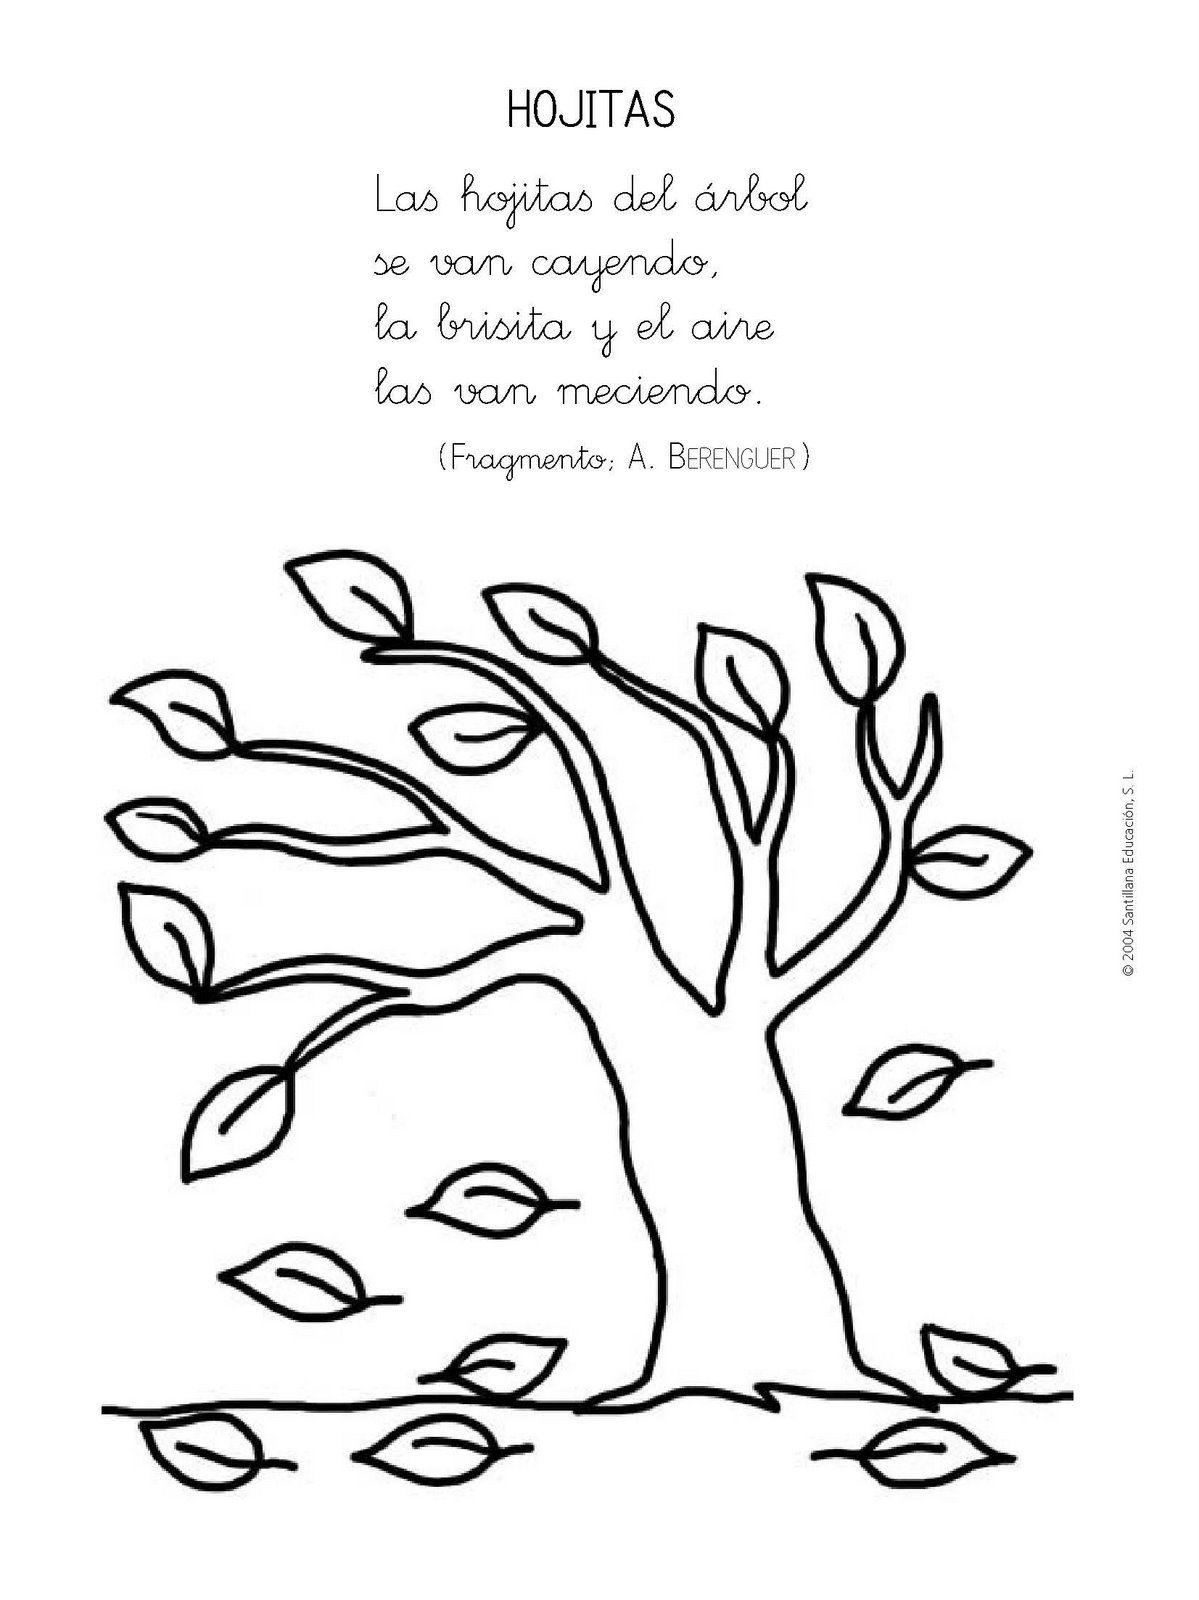 77ee8aa11fafbf17e22347ca820227d0 Jpg 1199 1600 Poemas De Otono Letras De Canciones Infantiles Poesia Otono